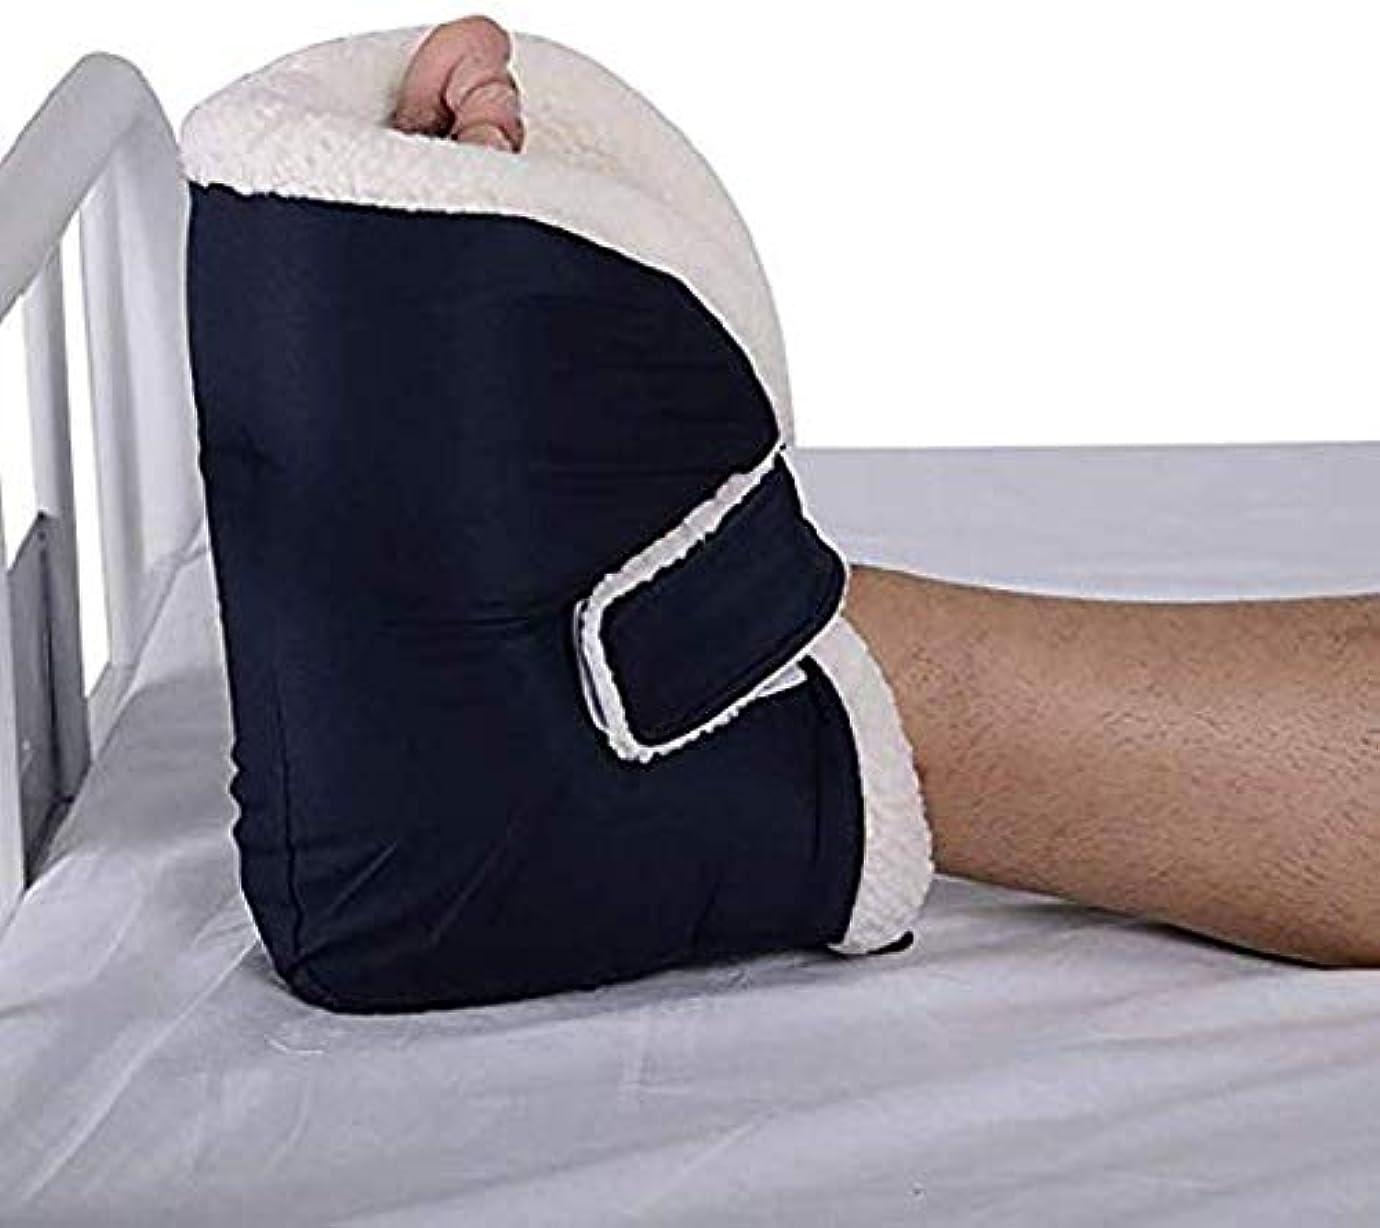 馬鹿ギャラリー切り離すヒールクッションプロテクター、かかとの保護枕足首関節の快適な綿毛顆粒ケアパッド-褥瘡をしますと潰瘍の軽減